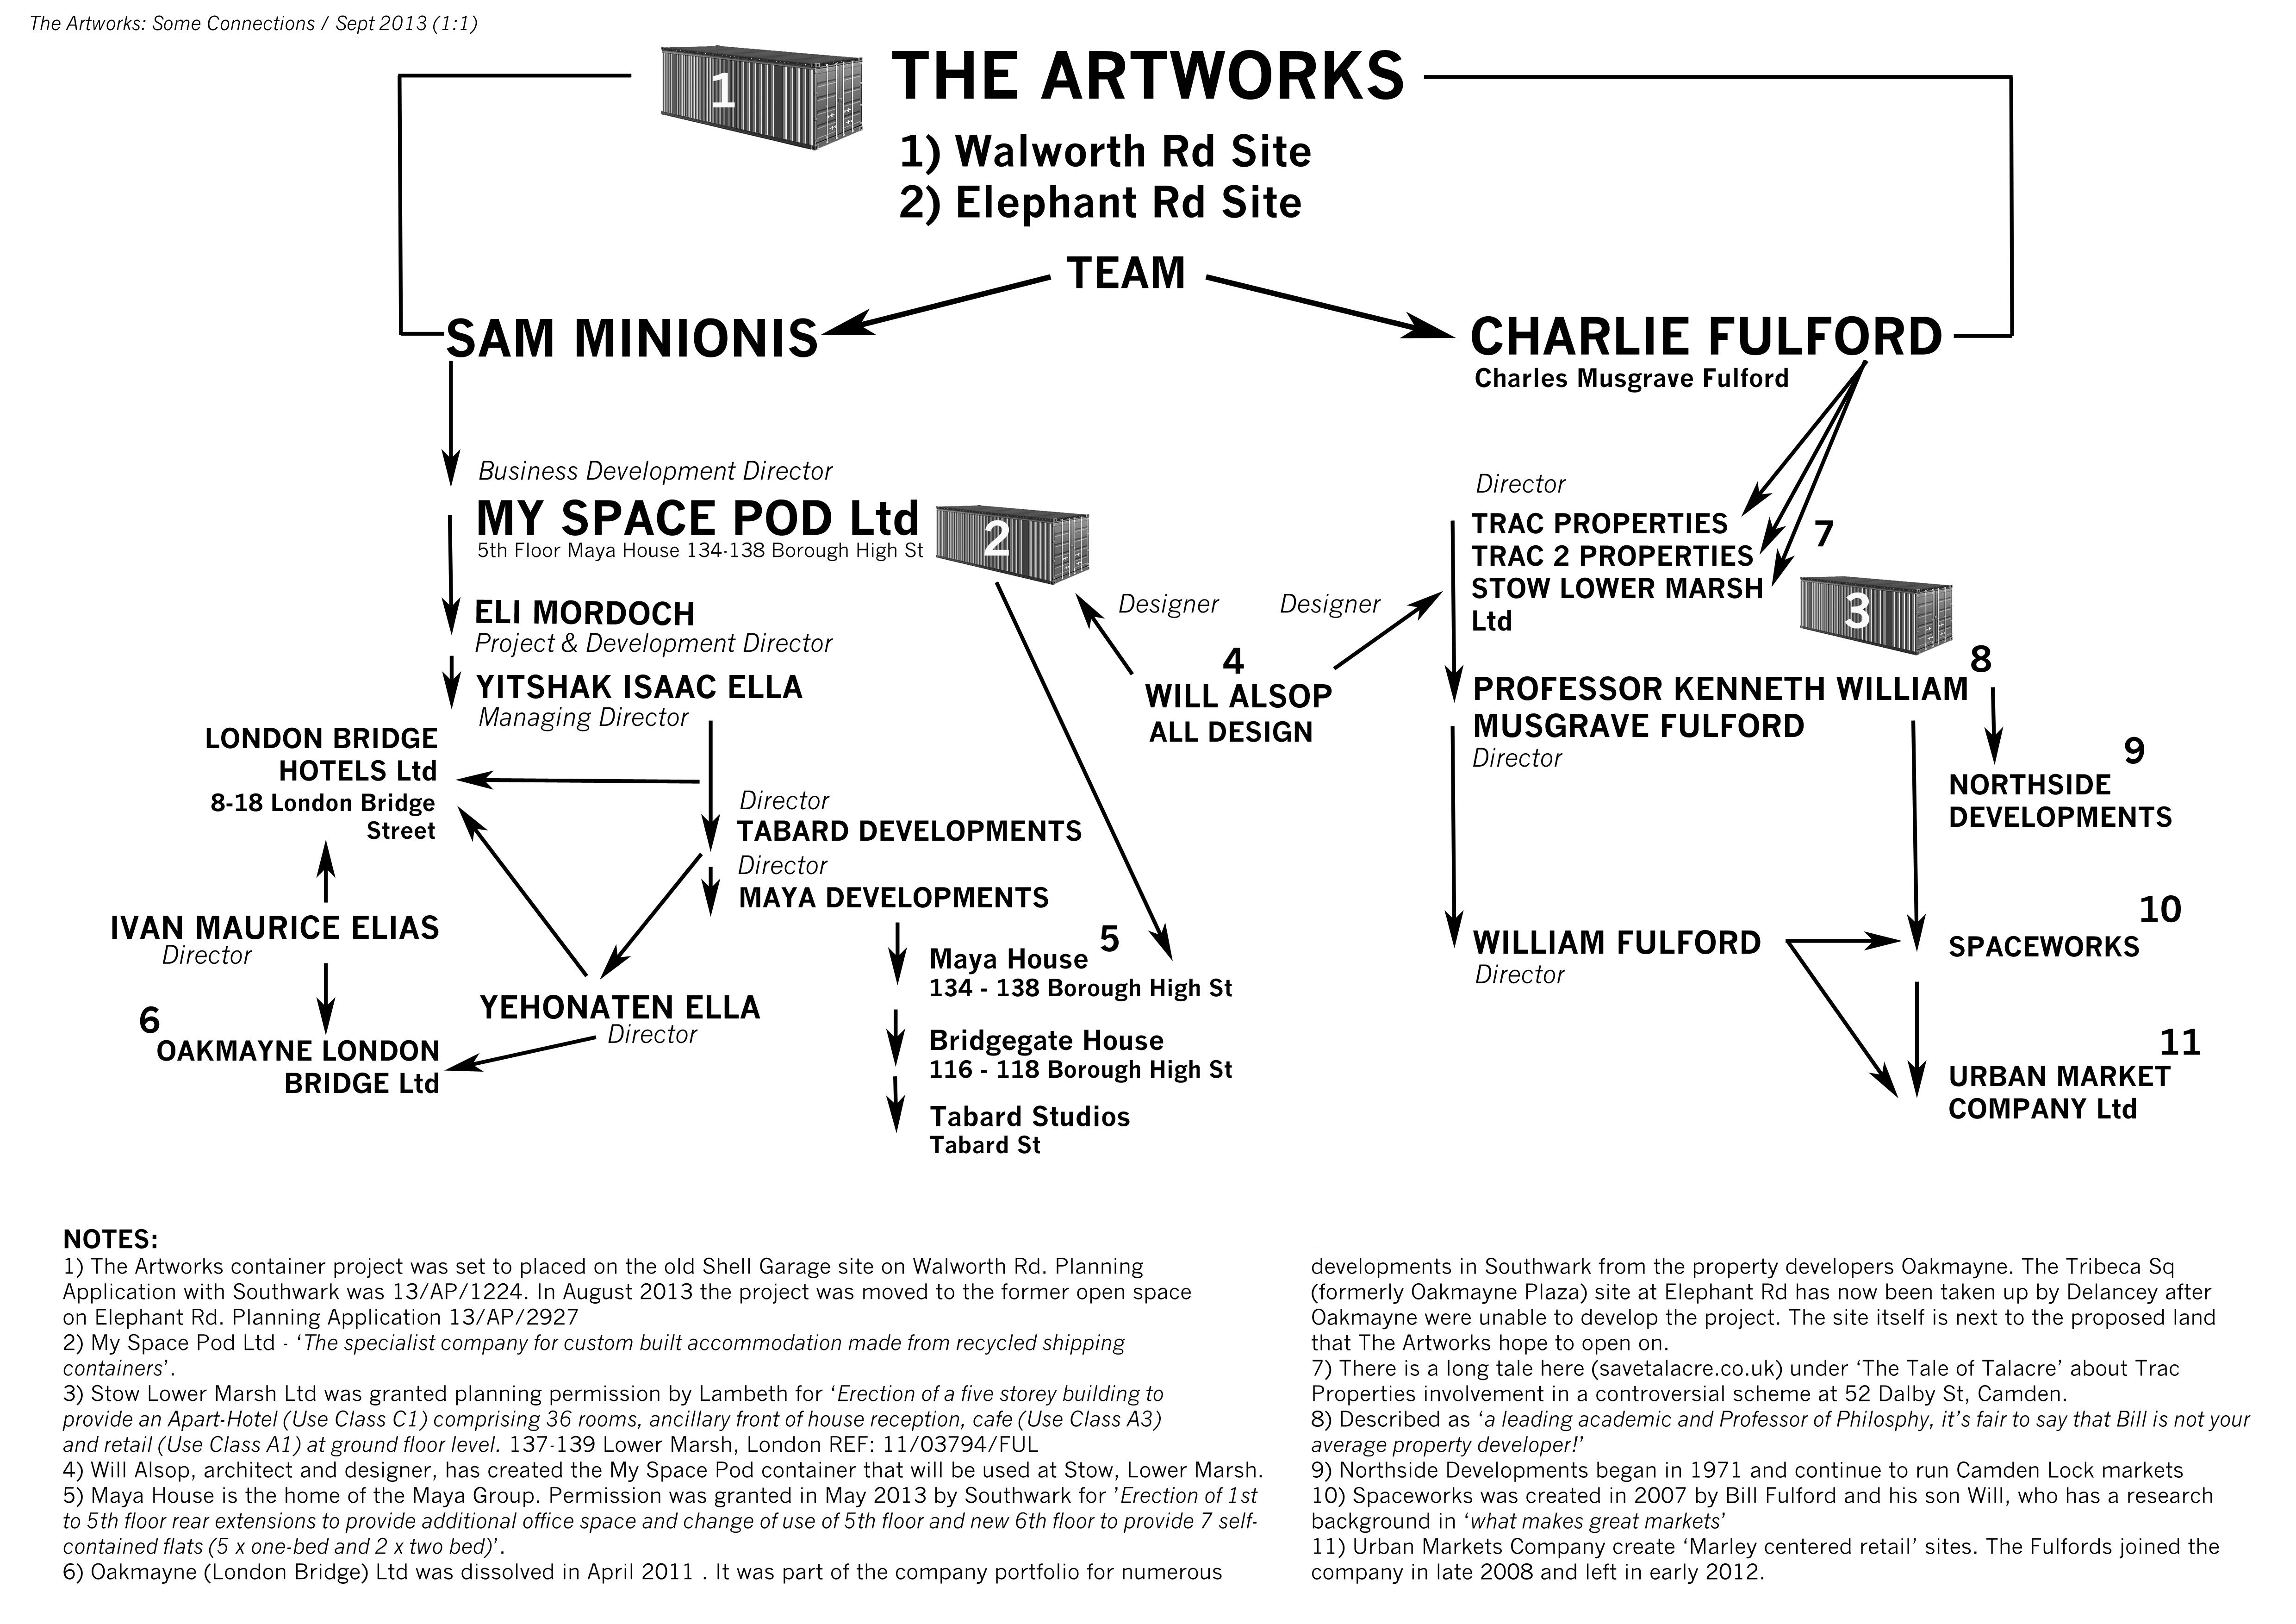 artworks directors daig